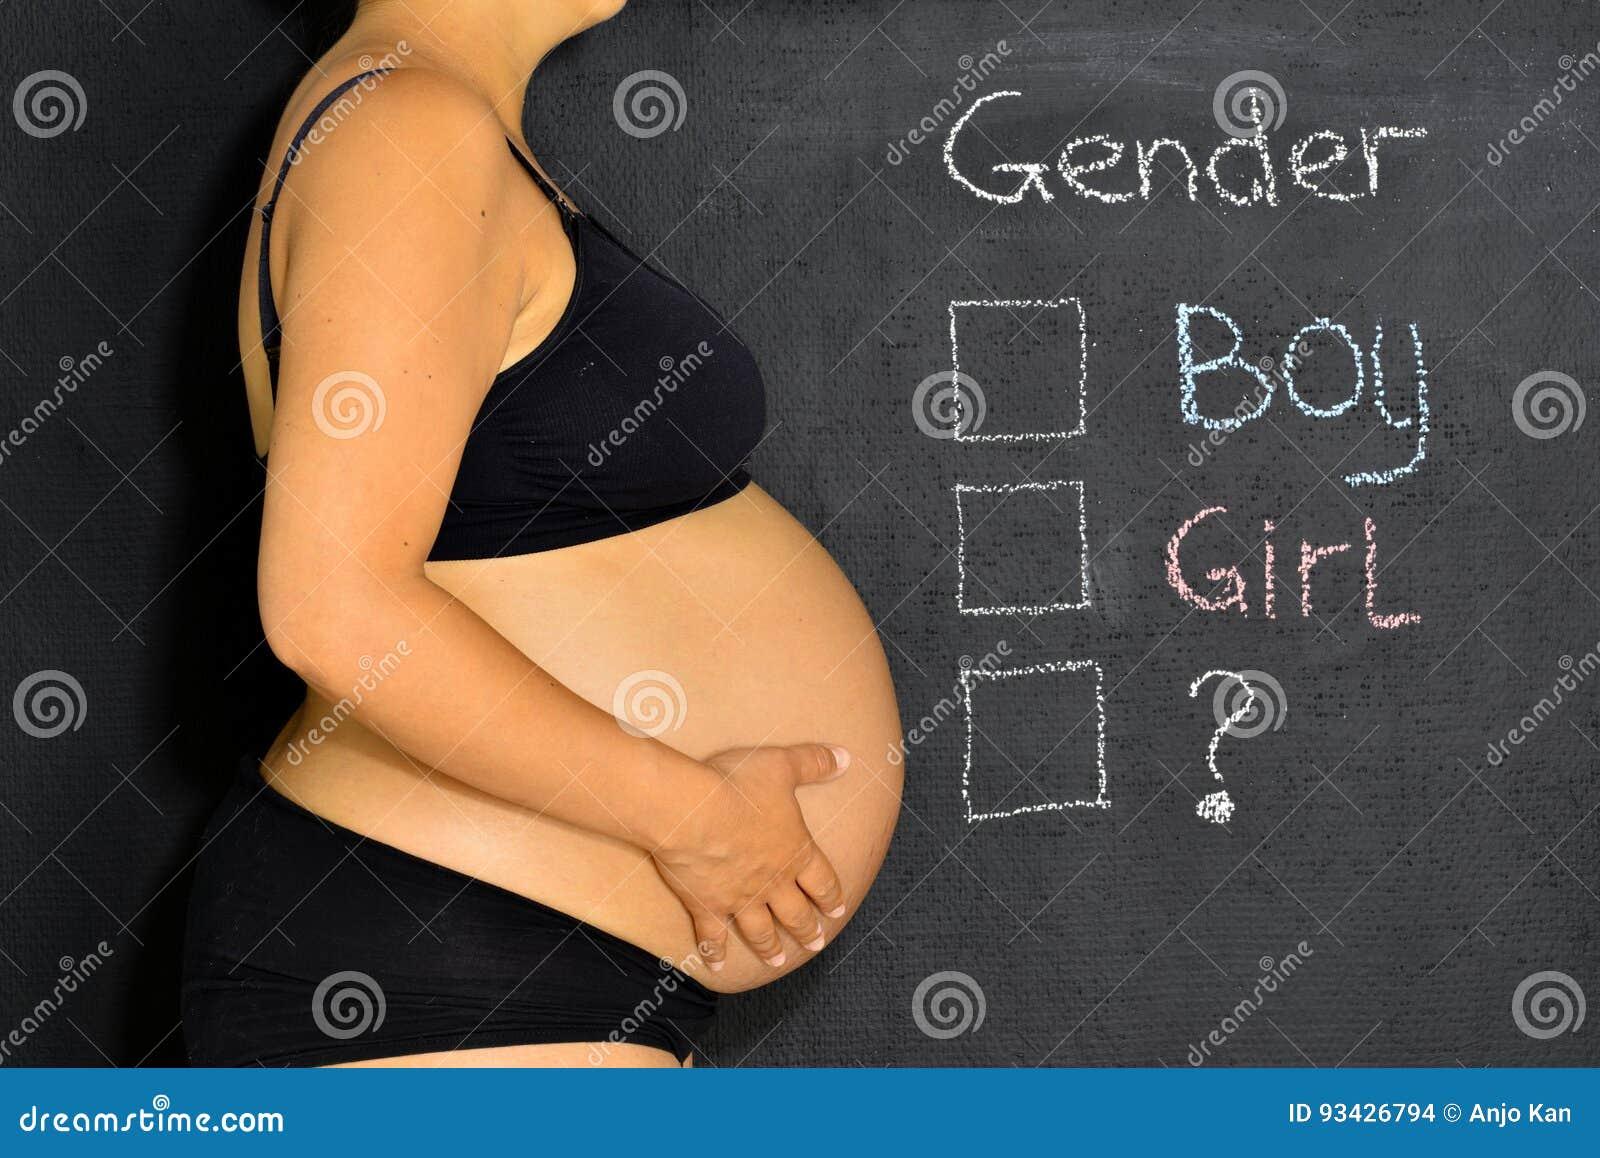 The gender checklist